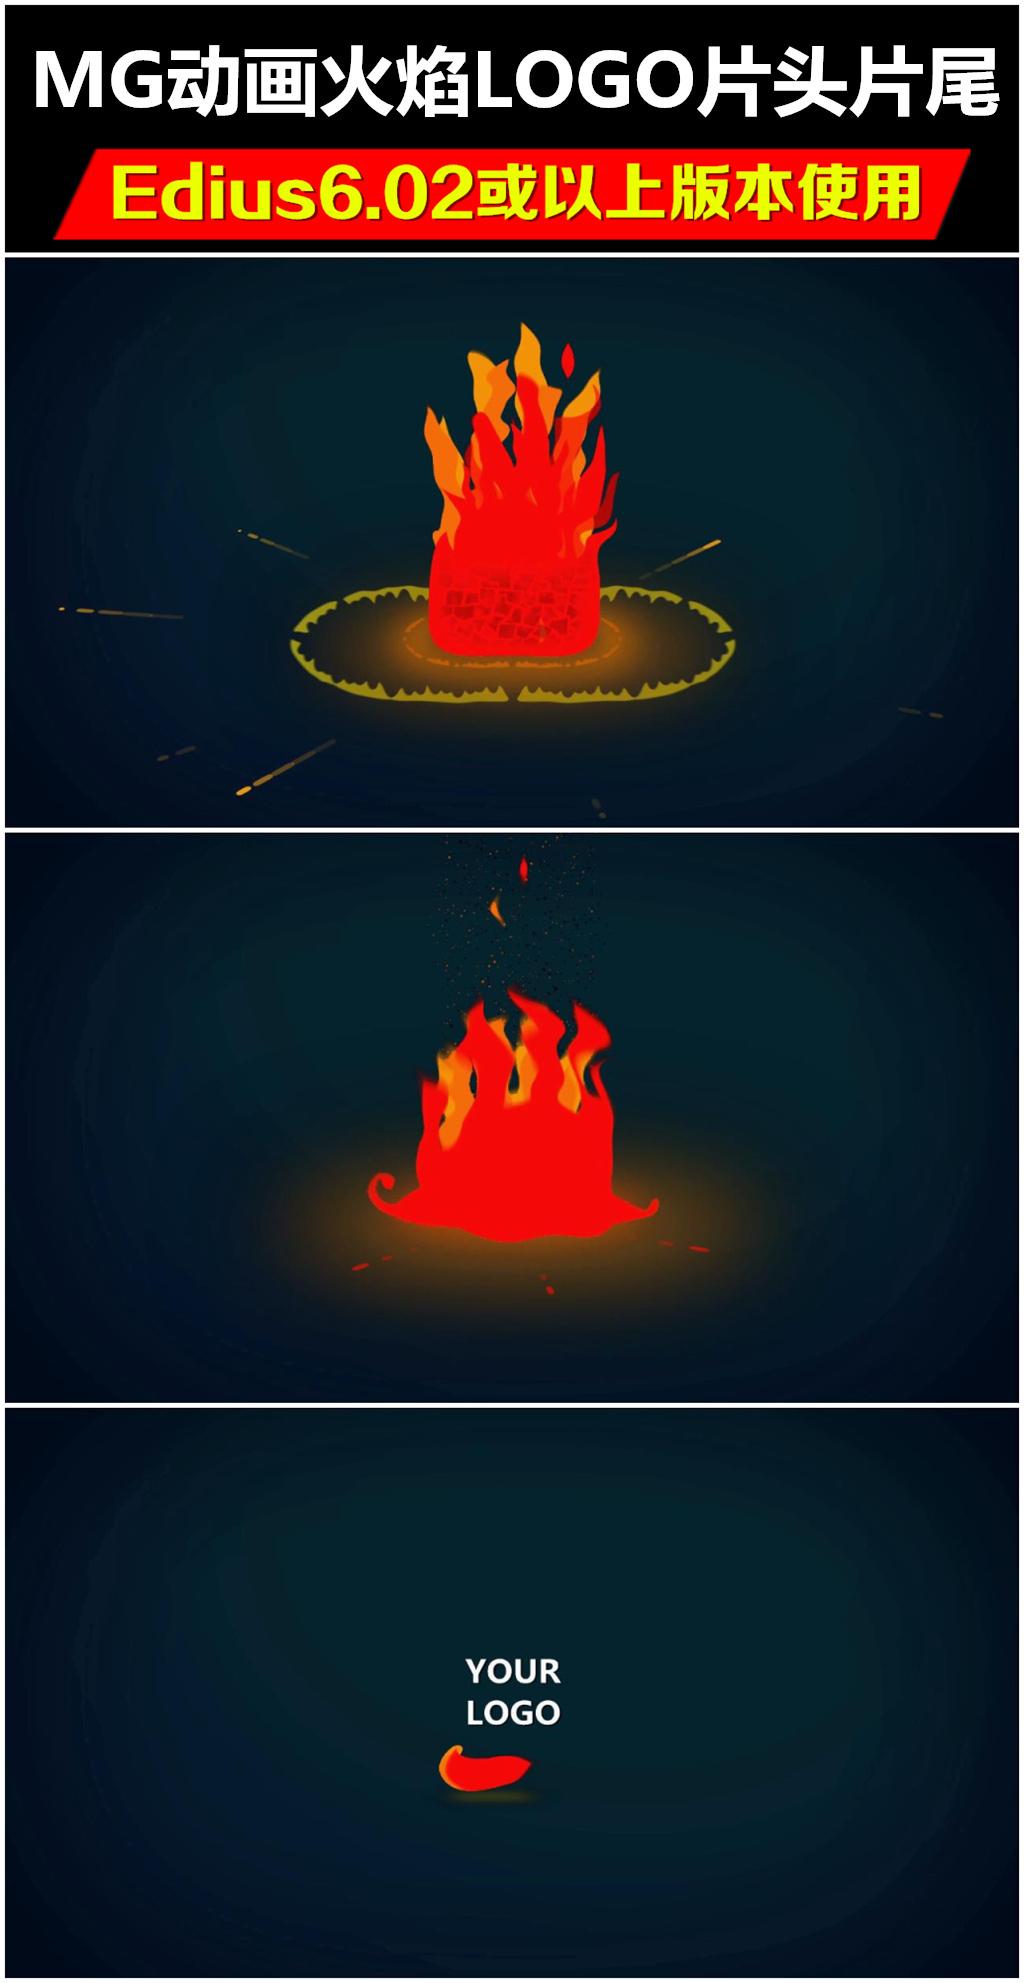 edius火焰燃烧logo片头片尾模板下载_edius火焰燃烧片